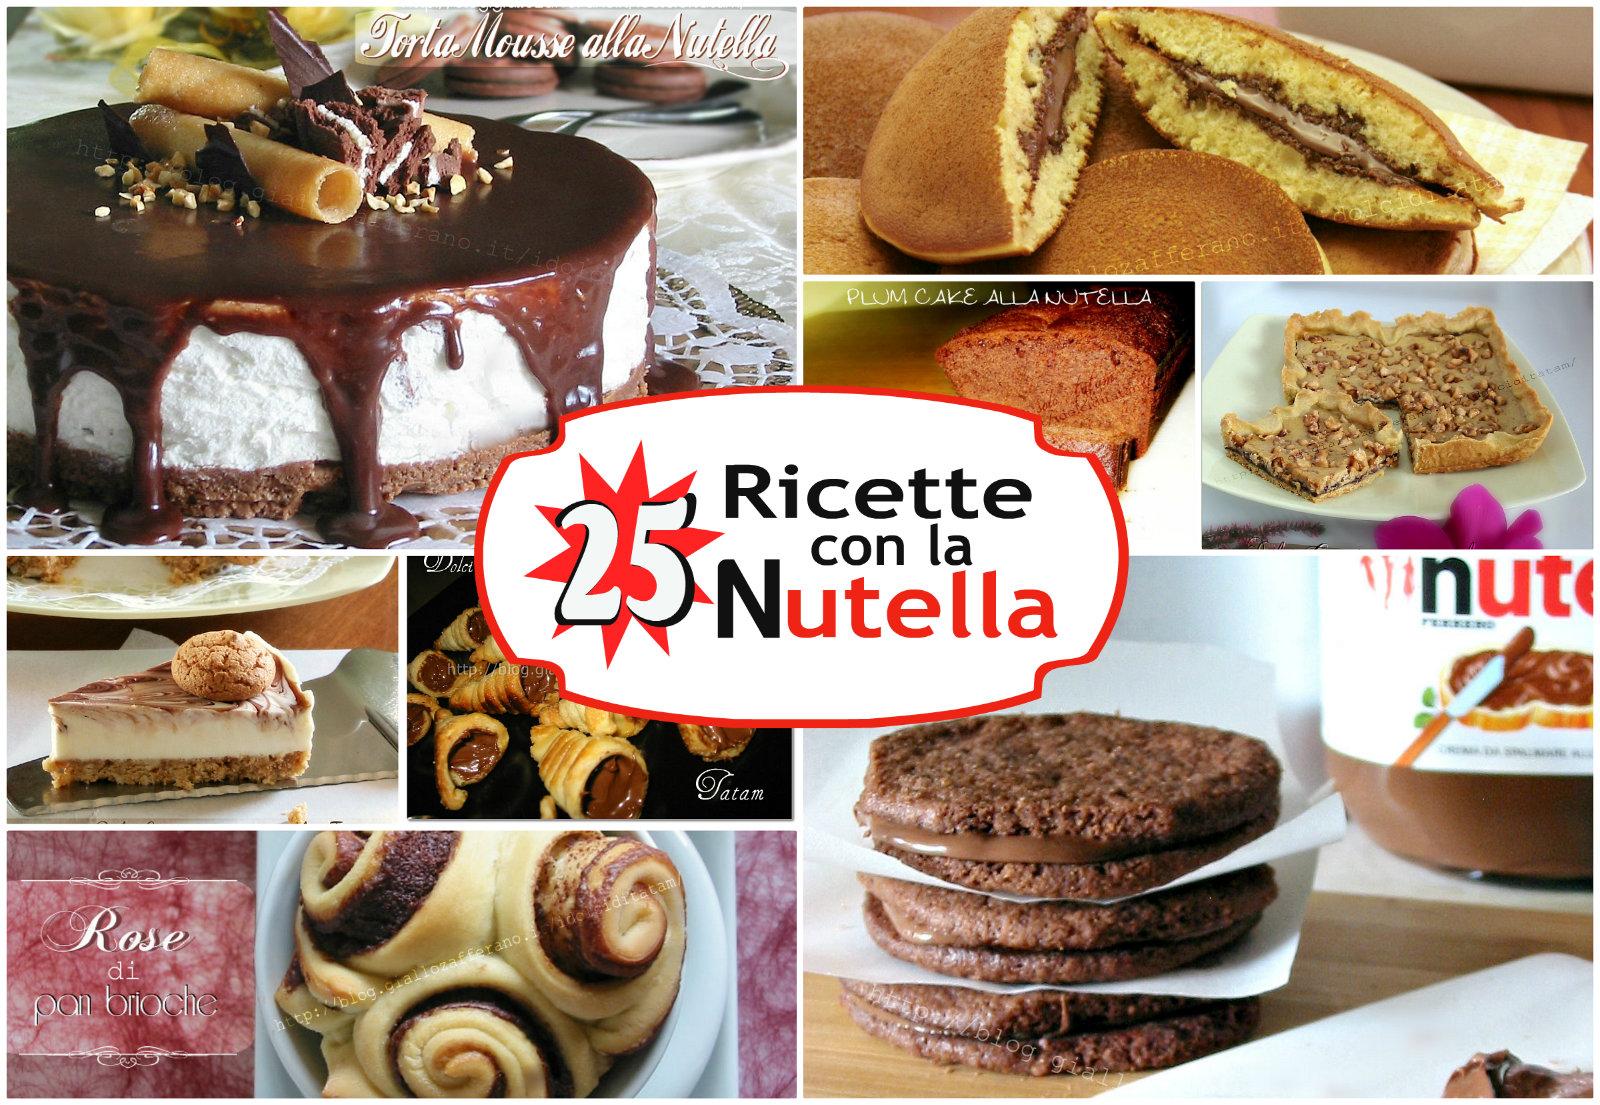 25 Ricette con la Nutella